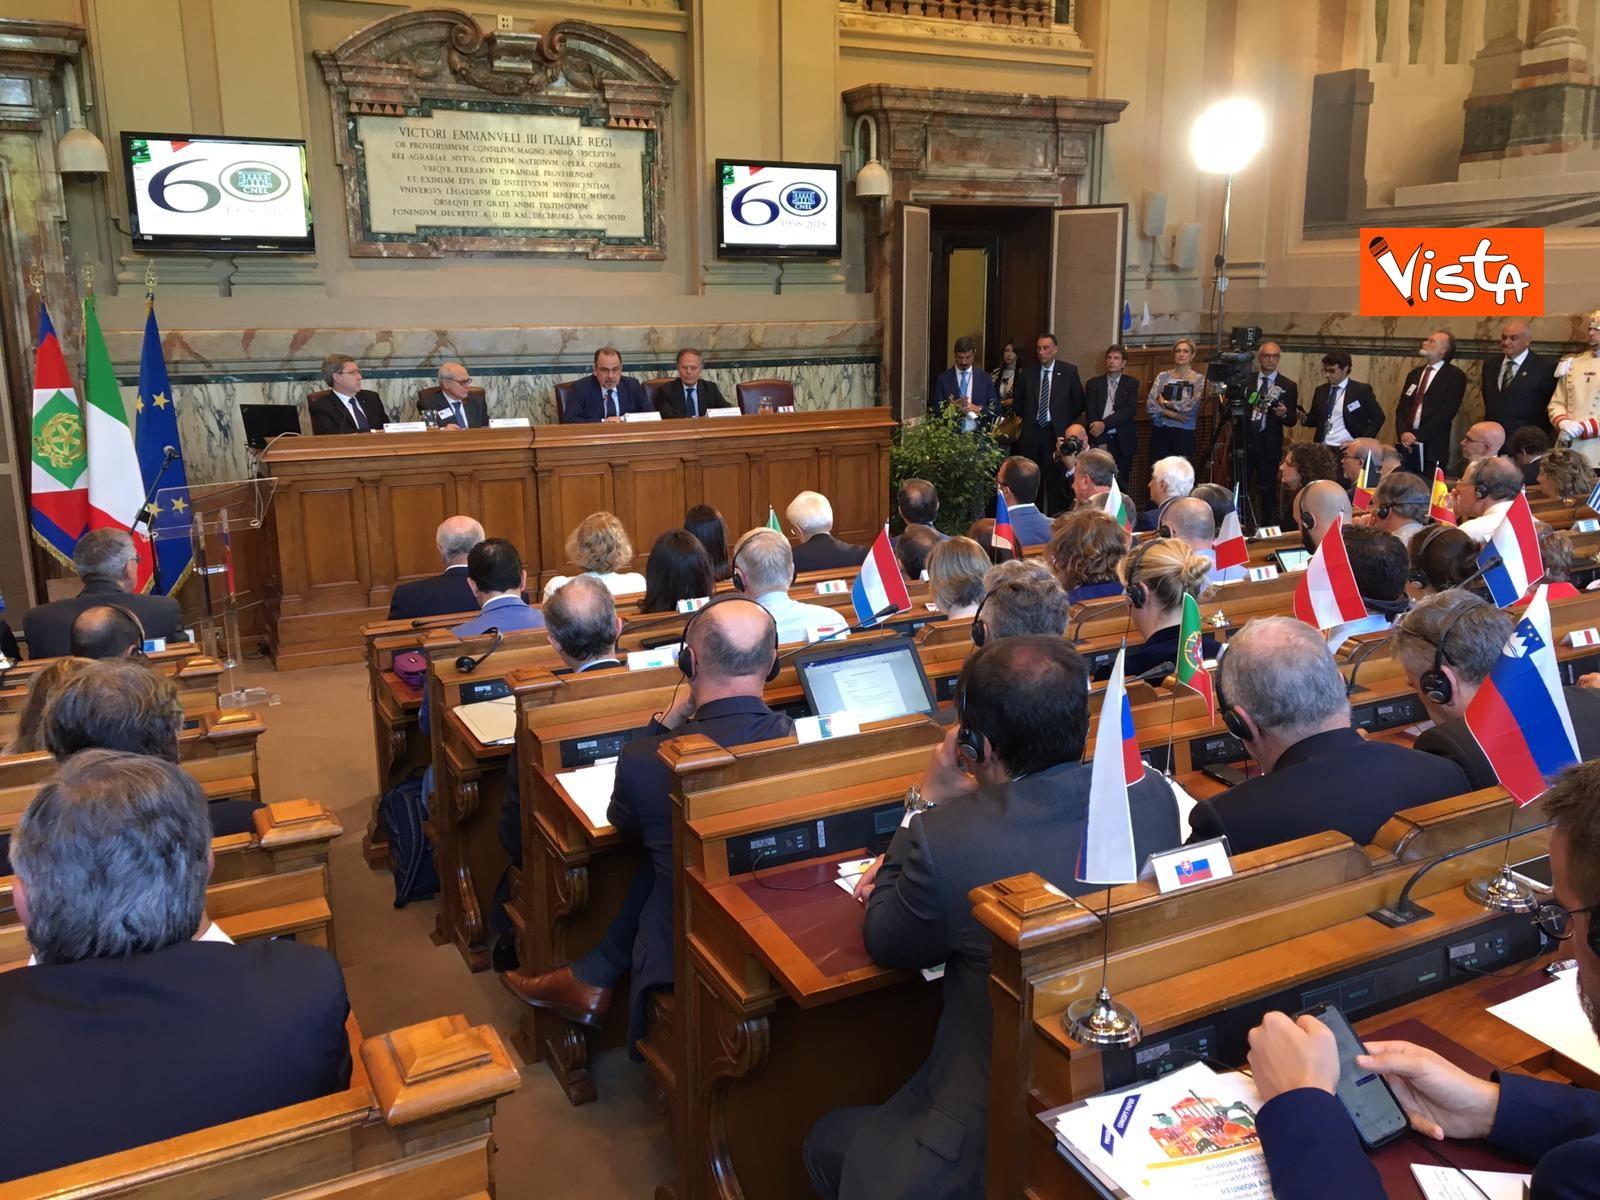 13-06-19 Mattarella a riunione Cnel europei a Roma_08